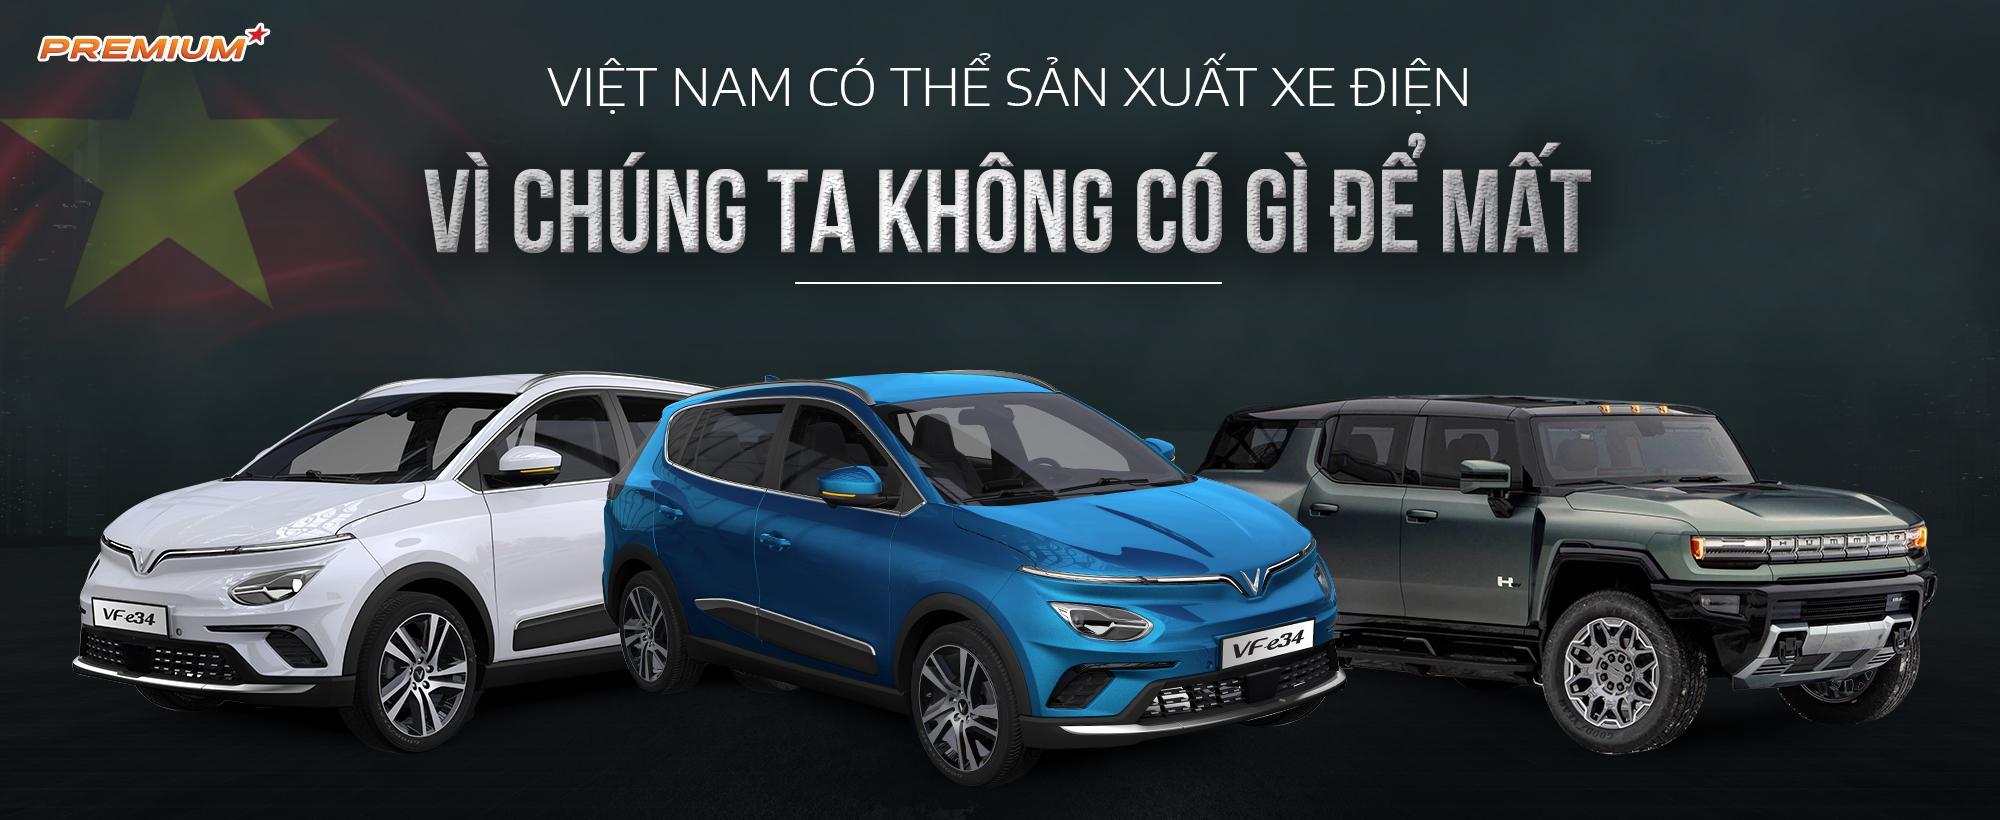 Việt Nam có thể sản xuất xe điện vì chúng ta không có gì để mất